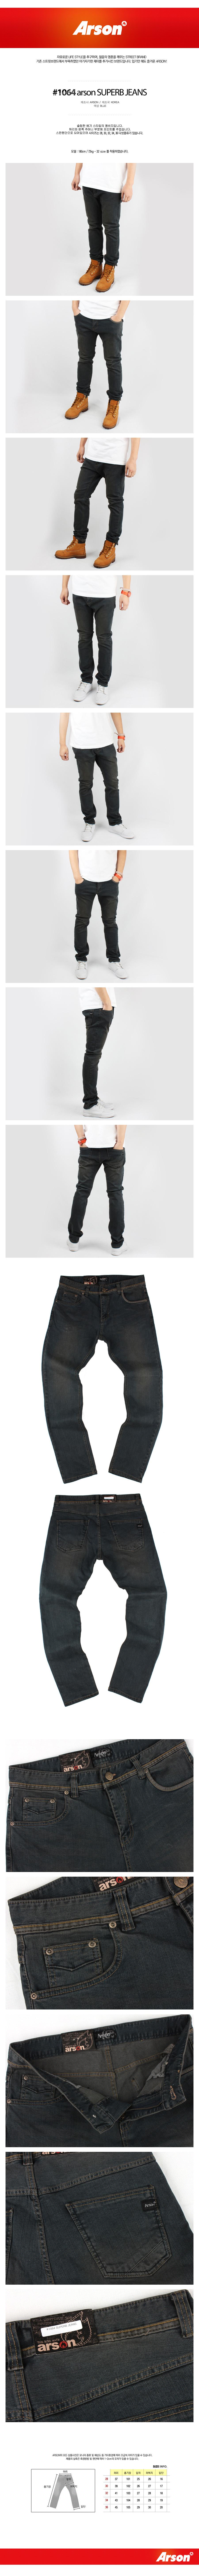 [ ARSON ] [Arson] A[Arson] AINE/1064 SUPERB JEANS/men\'s jeans/jeans/ARSON jeans